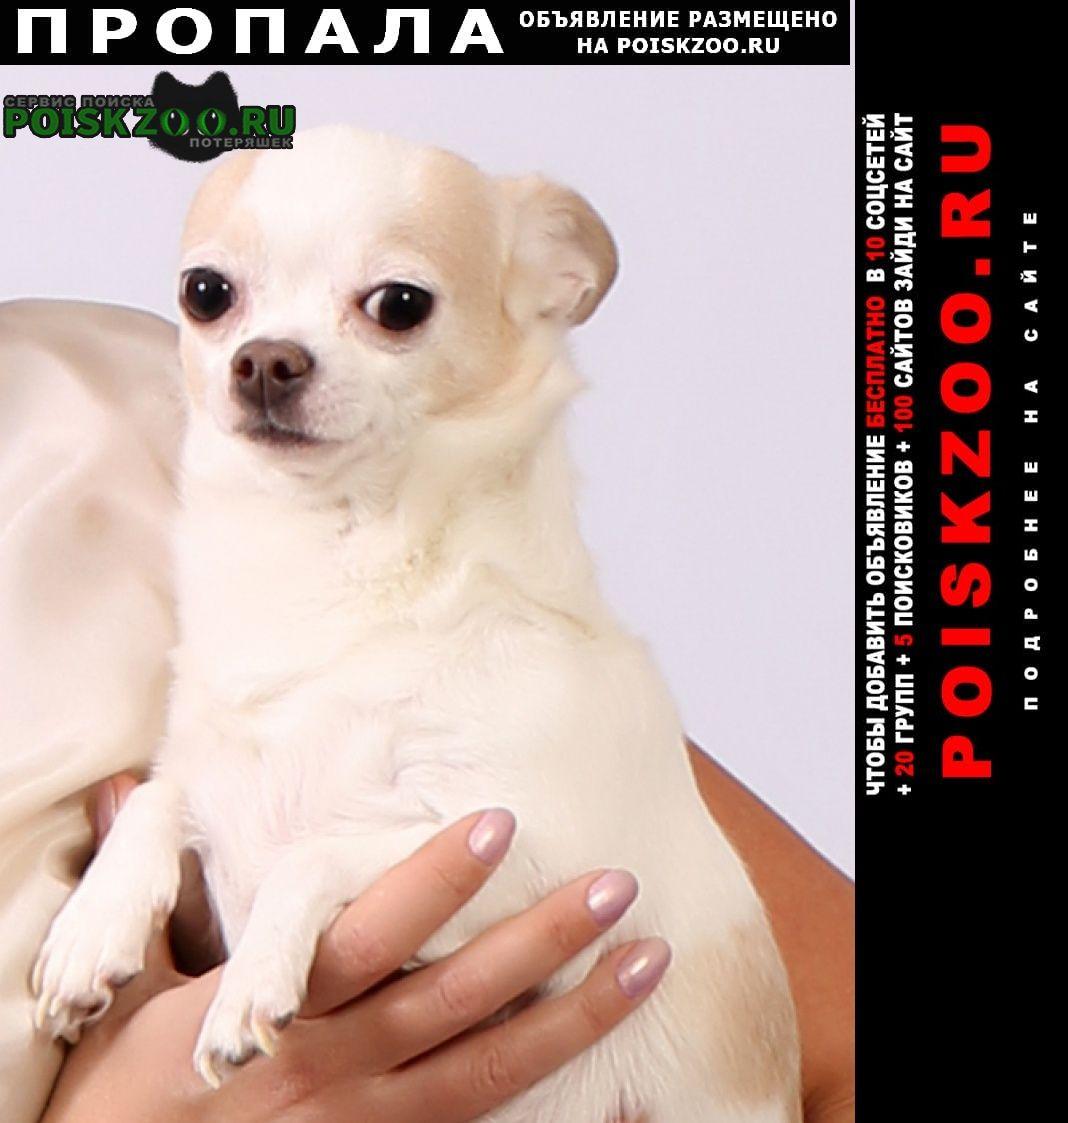 Пропала собака чихуа-хуа Нижневартовск